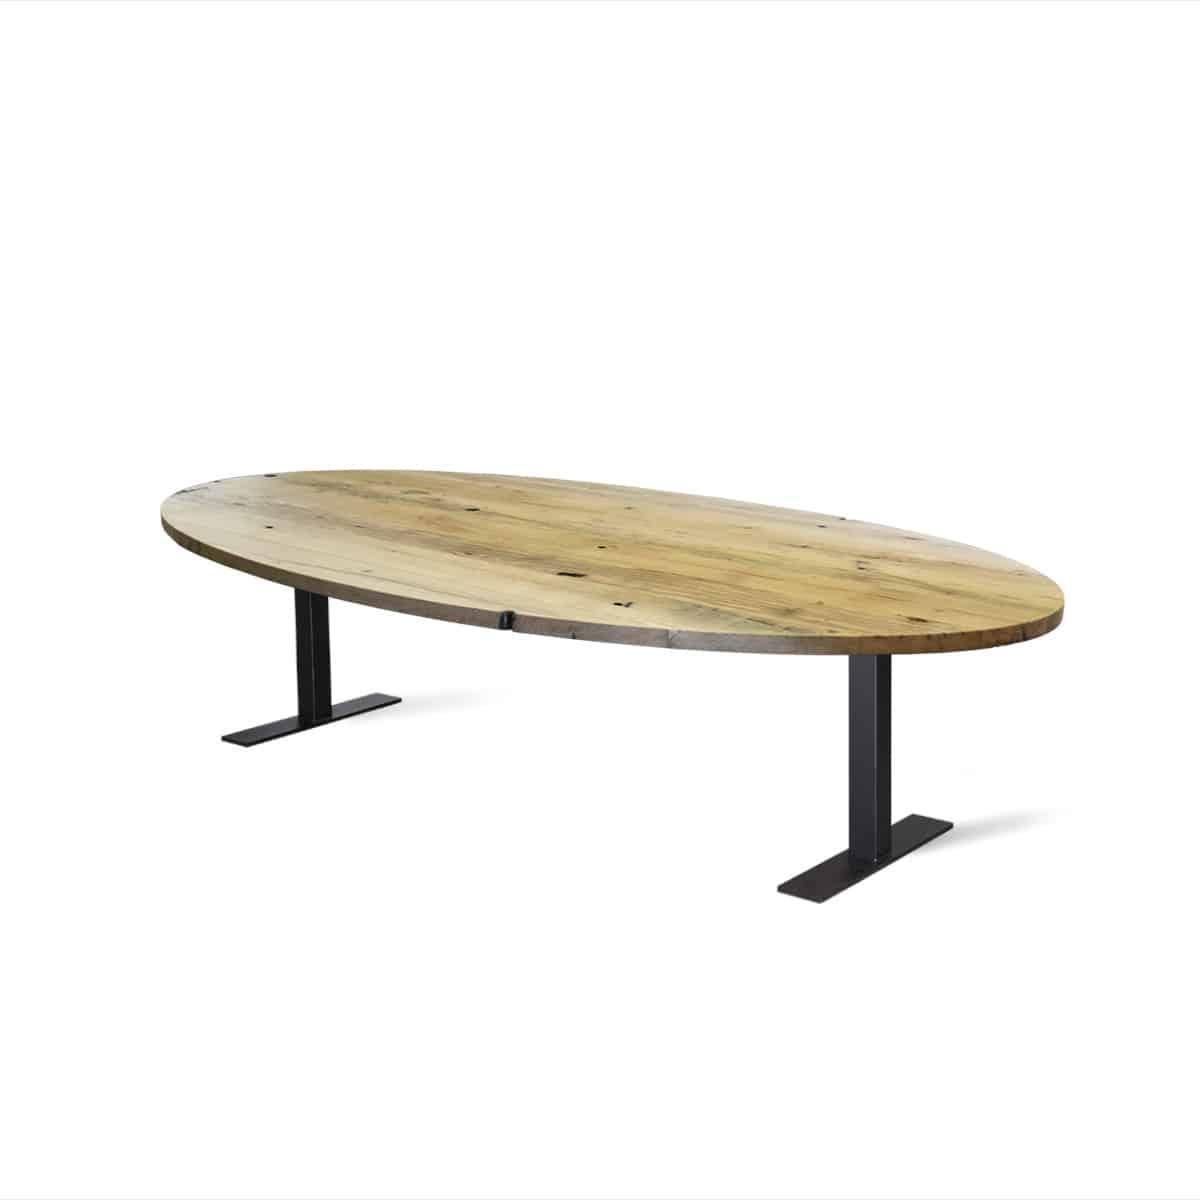 Massief eiken houten eikenhouten recht wagonhout rustiek geleefd eettafel tafel eetkamer keuken meubelmaker friesland